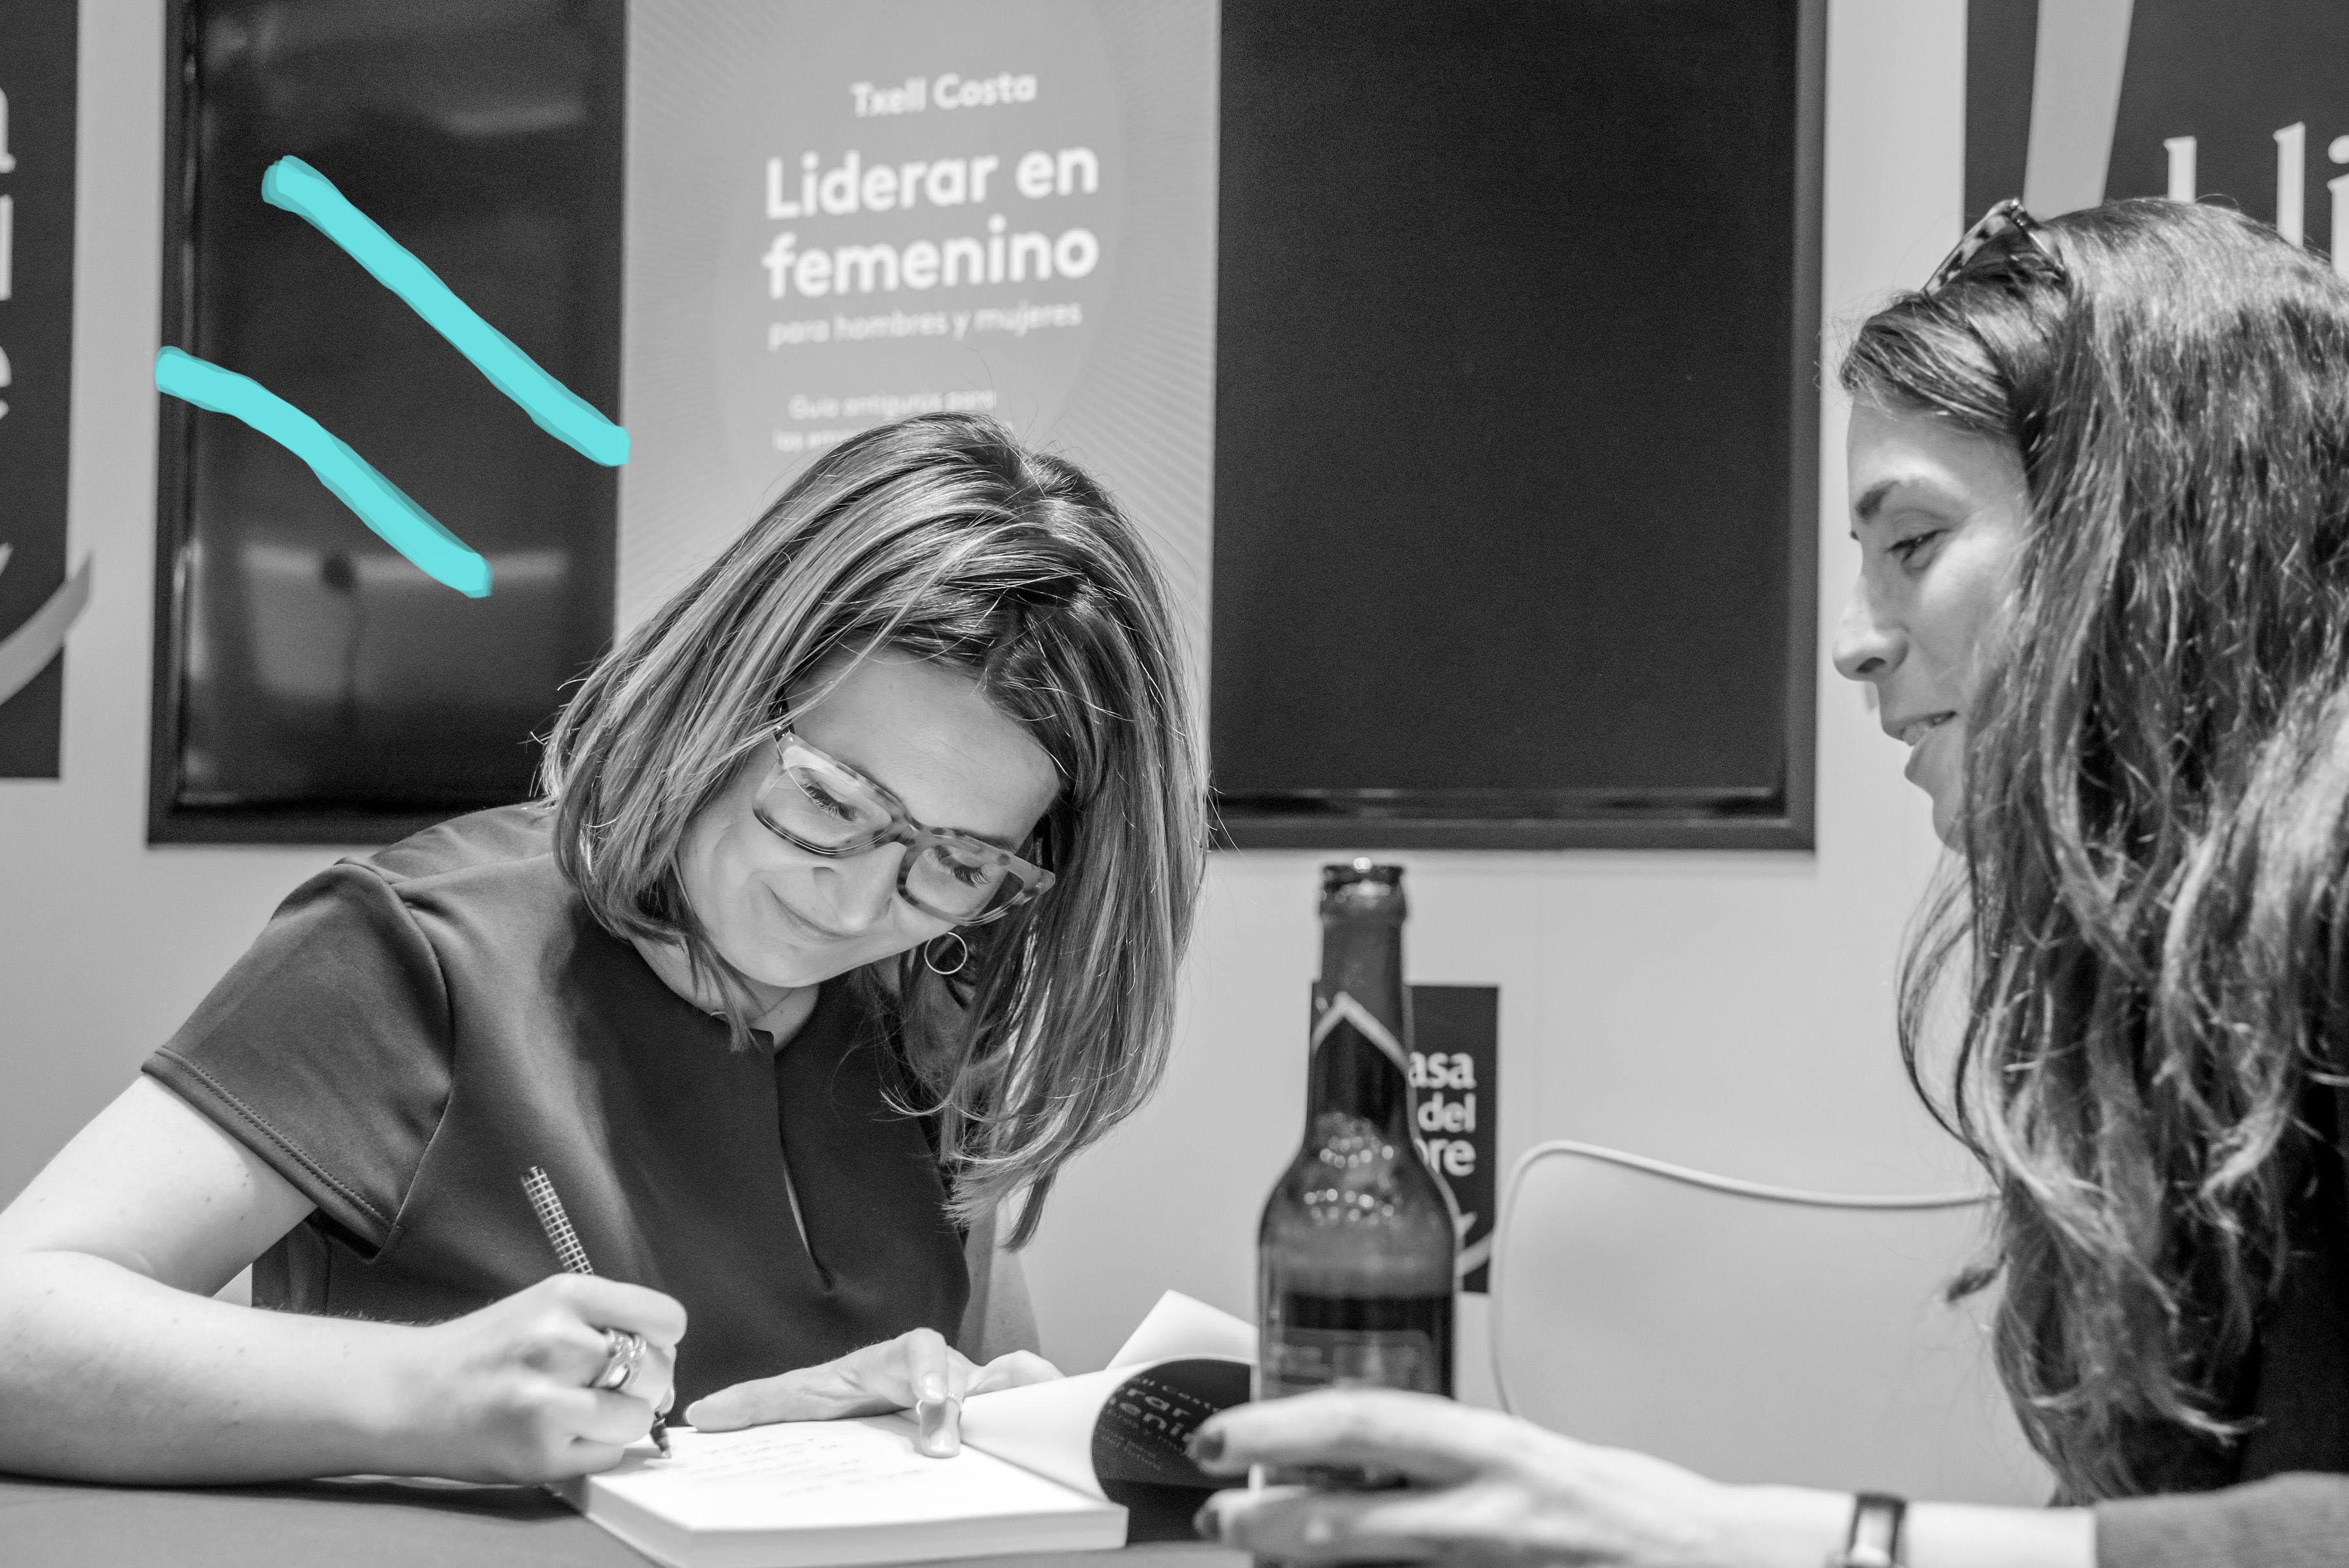 Preguntas habituales cuándo quieres publicar un libro - Txell Costa Group